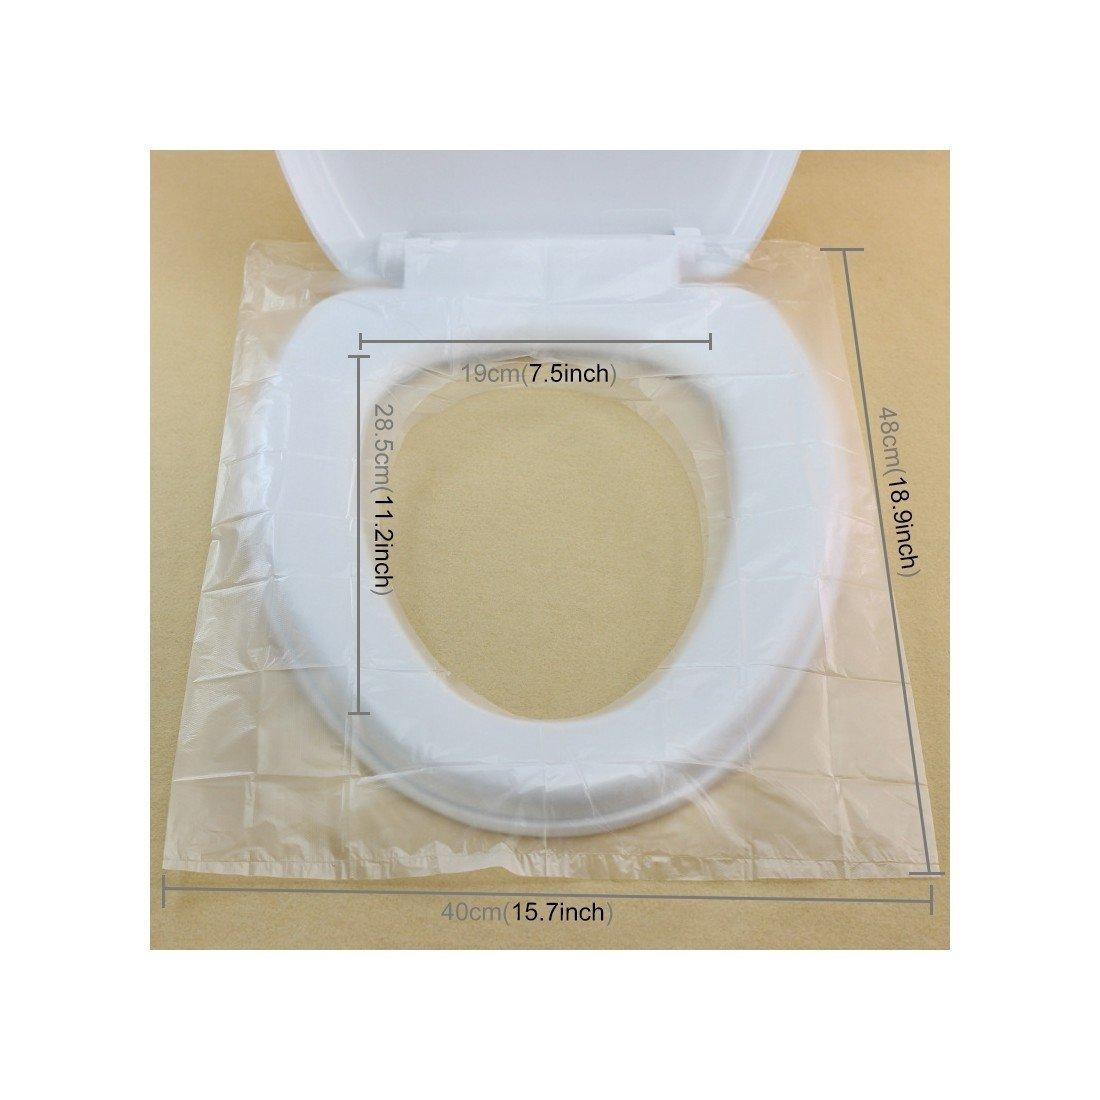 Cobertura para asiento de inodoro desechable, alfombra de papel higiénico impermeable, antibacteriano para niños, bebés y madres embarazadas.